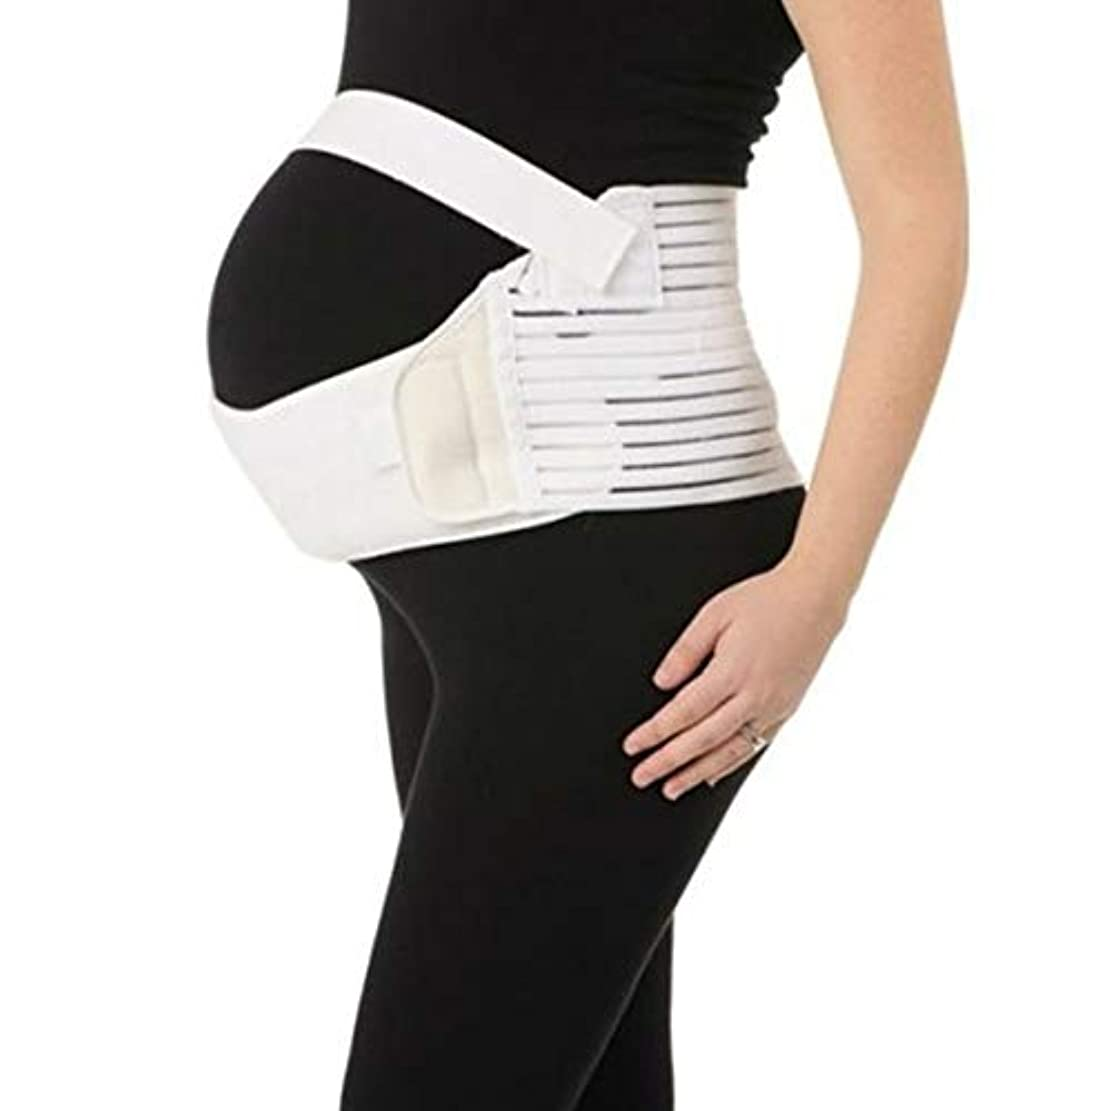 評価ステレオフルーティー通気性マタニティベルト妊娠腹部サポート腹部バインダーガードル運動包帯産後の回復shapewear - ホワイトL